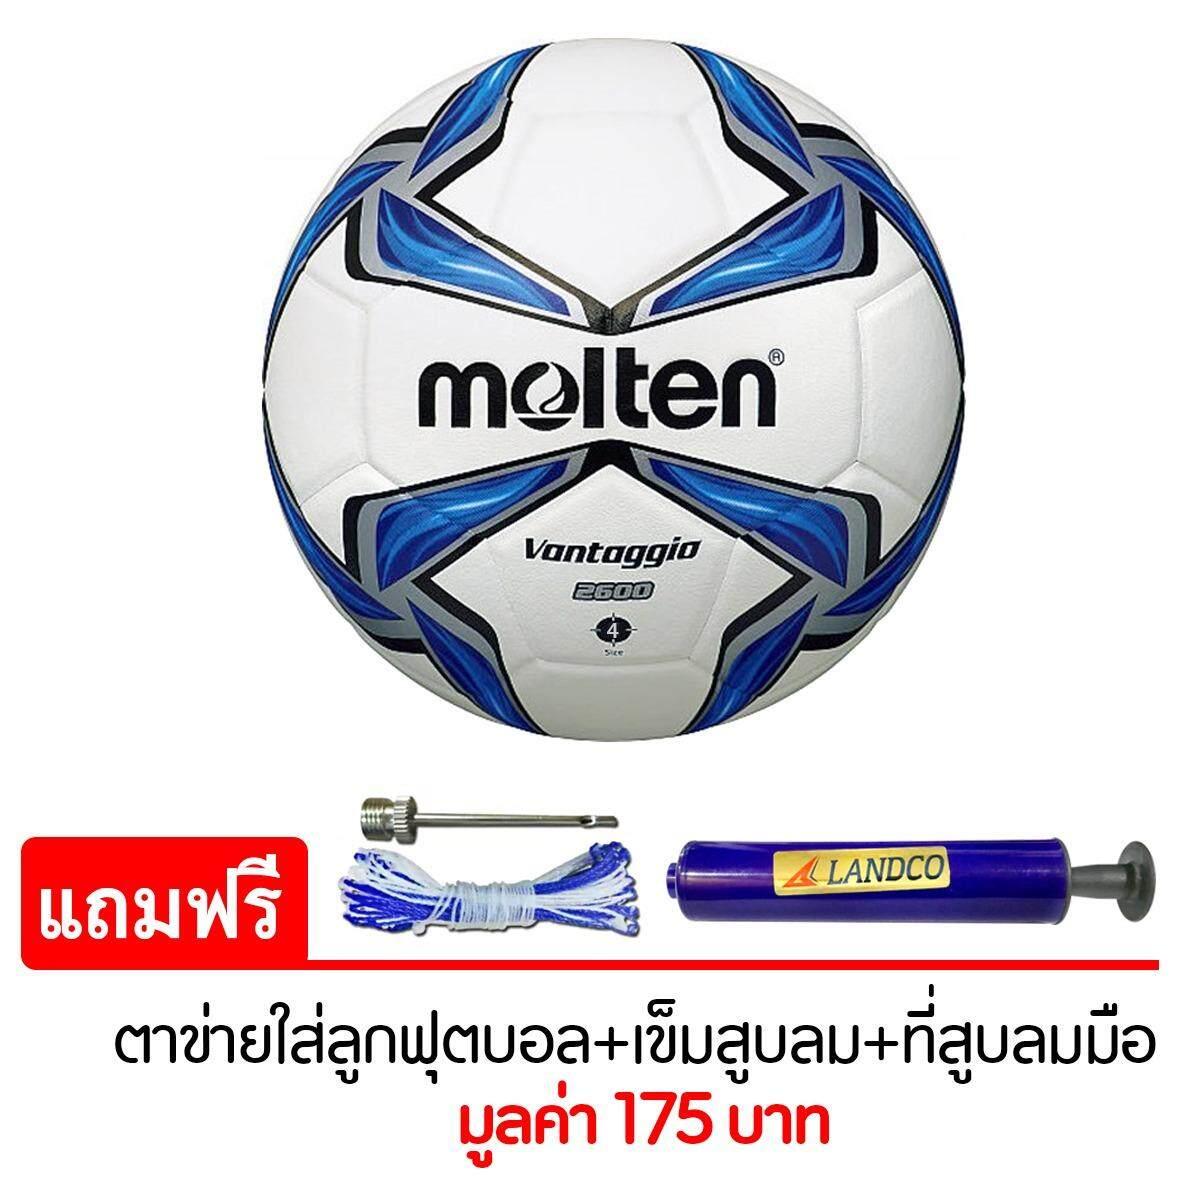 ขาย Molten Football ลูกฟุตบอลหนังอัด หนัง Pu Molten F4V2600 เบอร์4 750 แถมฟรี ตาข่ายใส่ลูกฟุตบอล เข็มสูบสูบลม สูบมือ Spl รุ่น Sl6 สีน้ำเงิน ใหม่